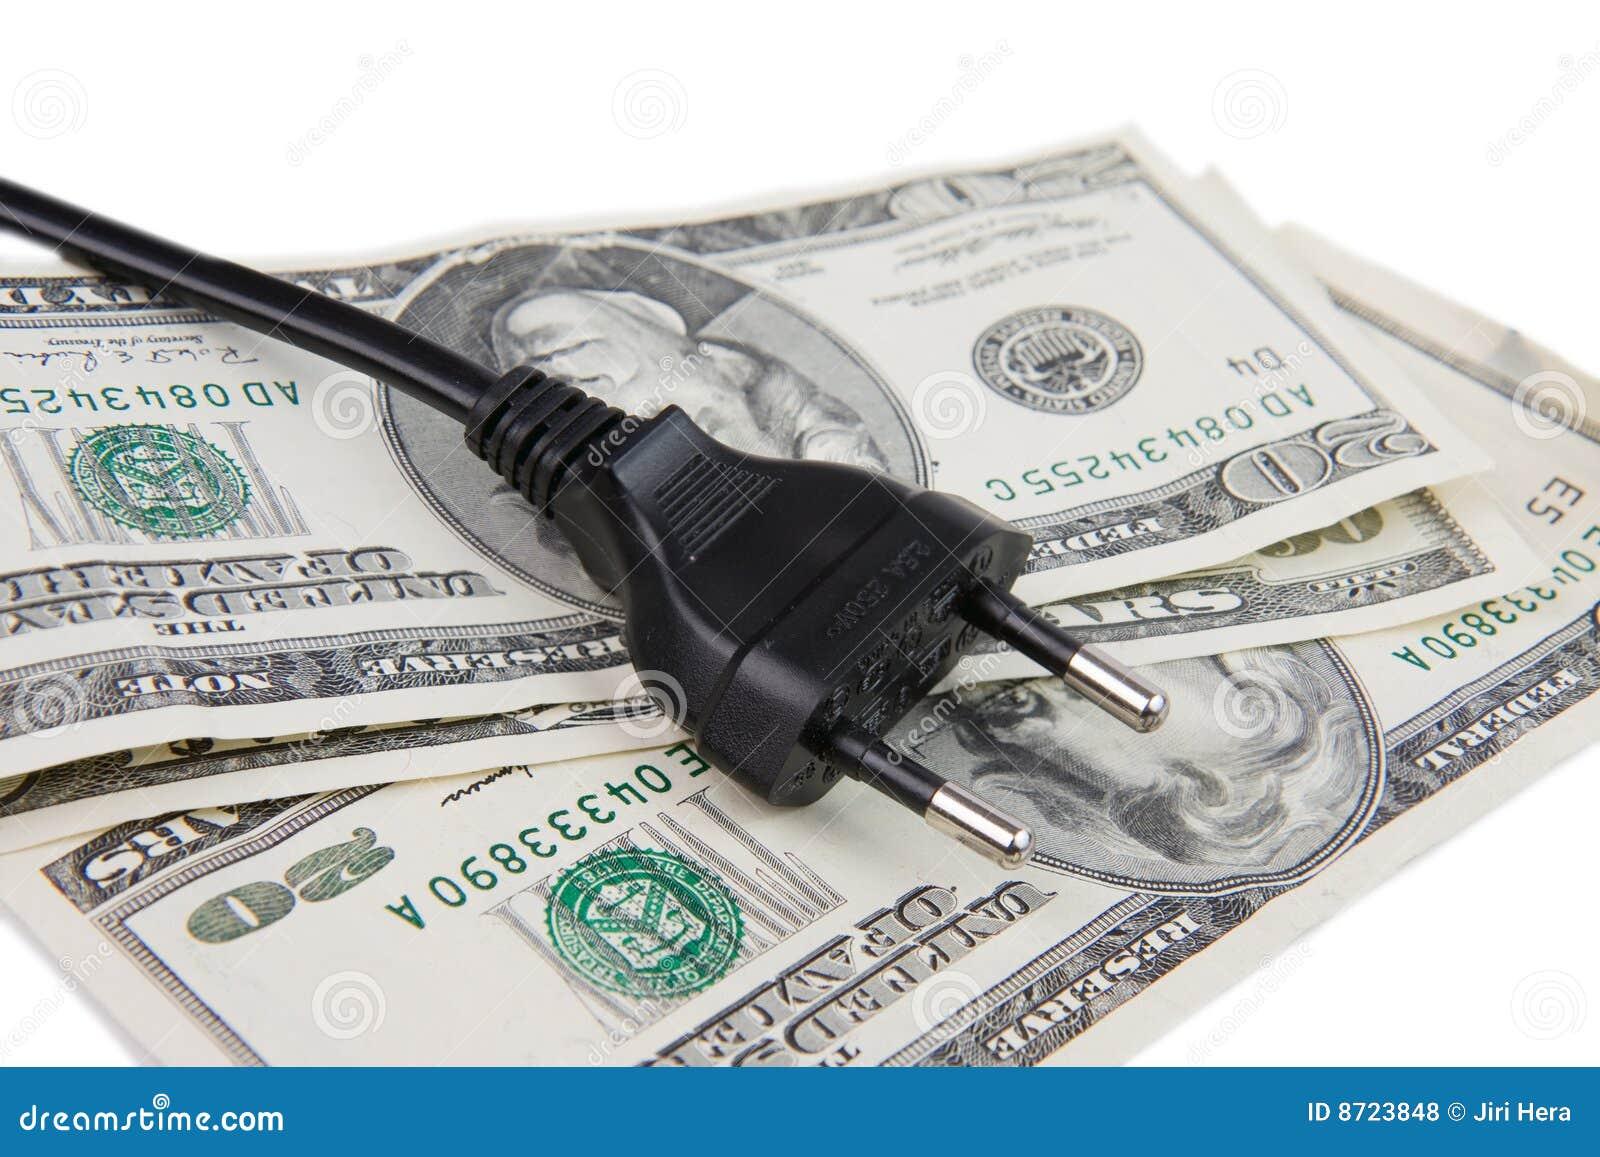 Elektrischer Bolzen Und Geld Stockfoto - Bild von geld, industrie ...